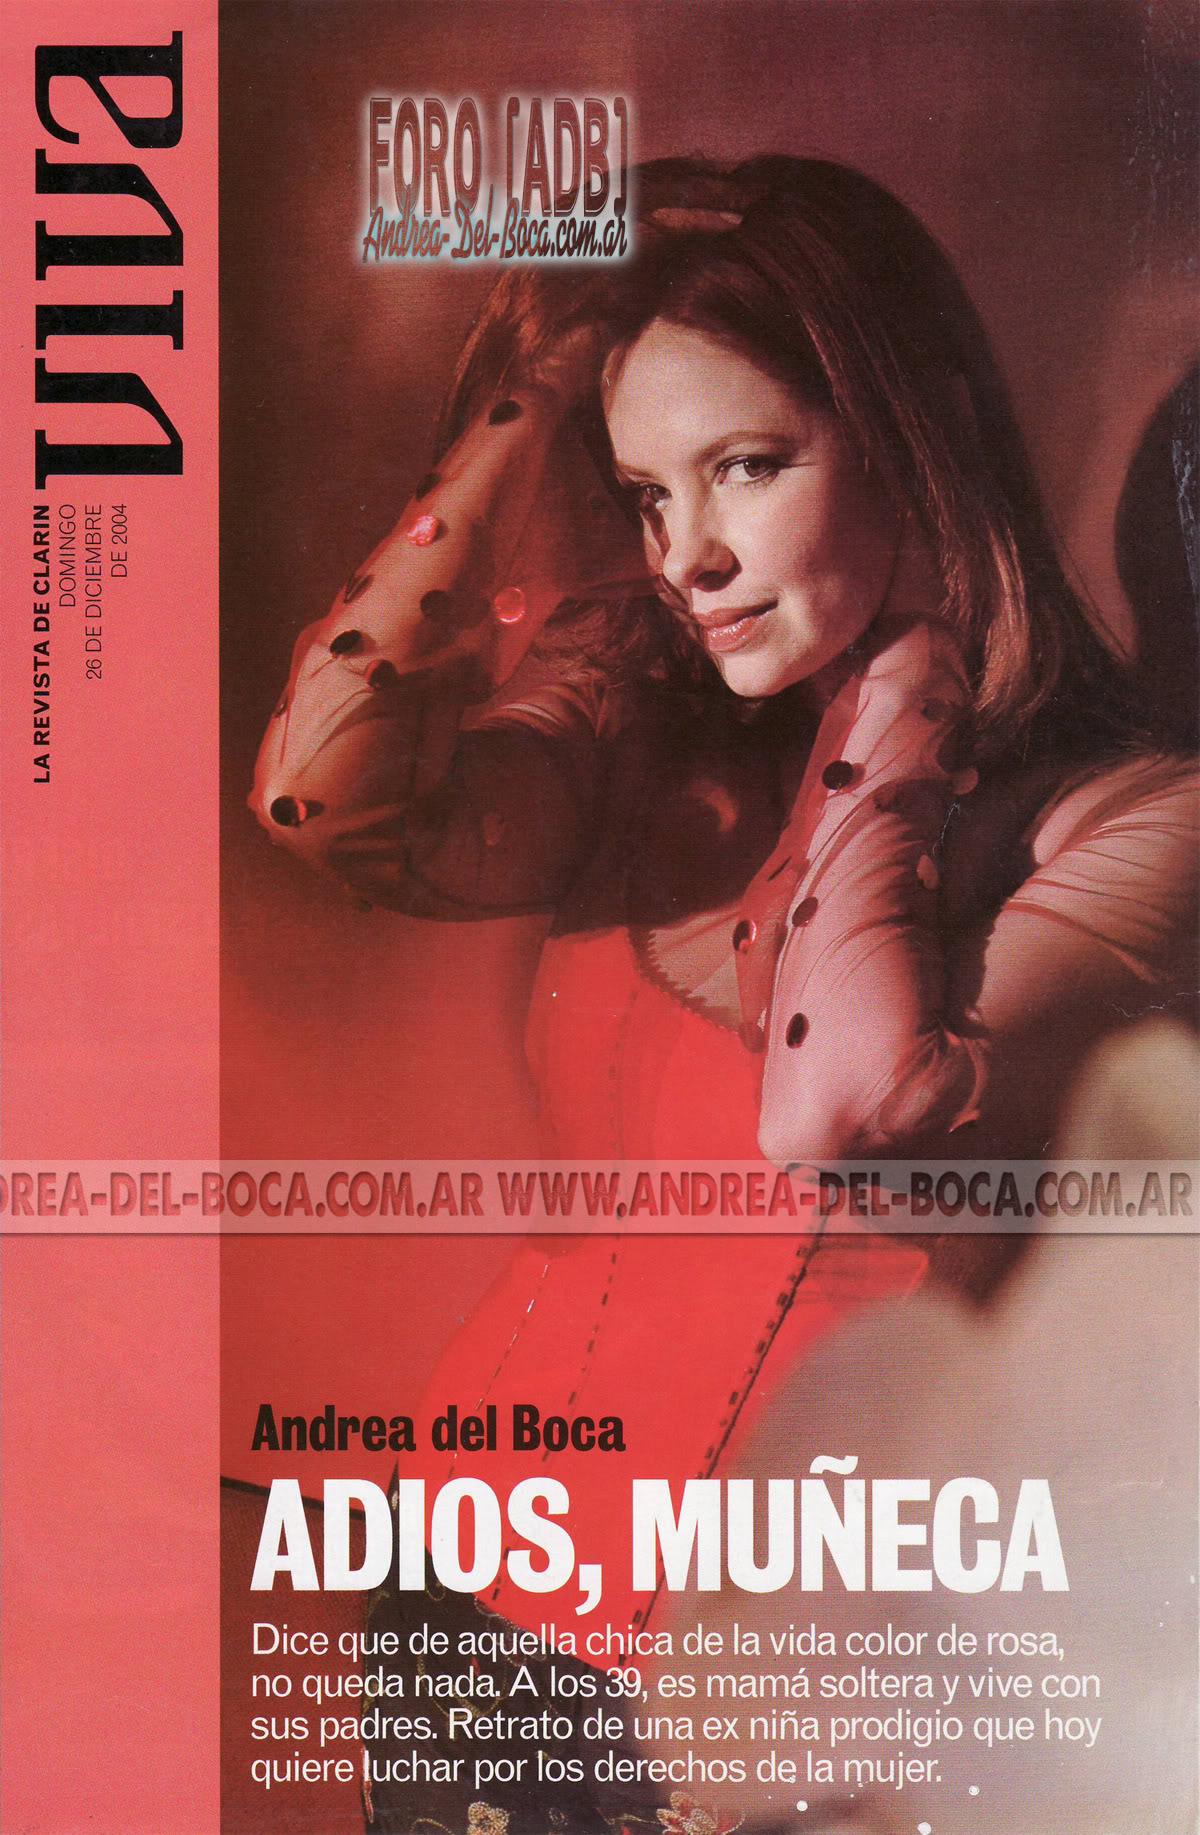 Фотографии / Fotos (часть 4) - Página 7 2005_andy_del_boca_1564